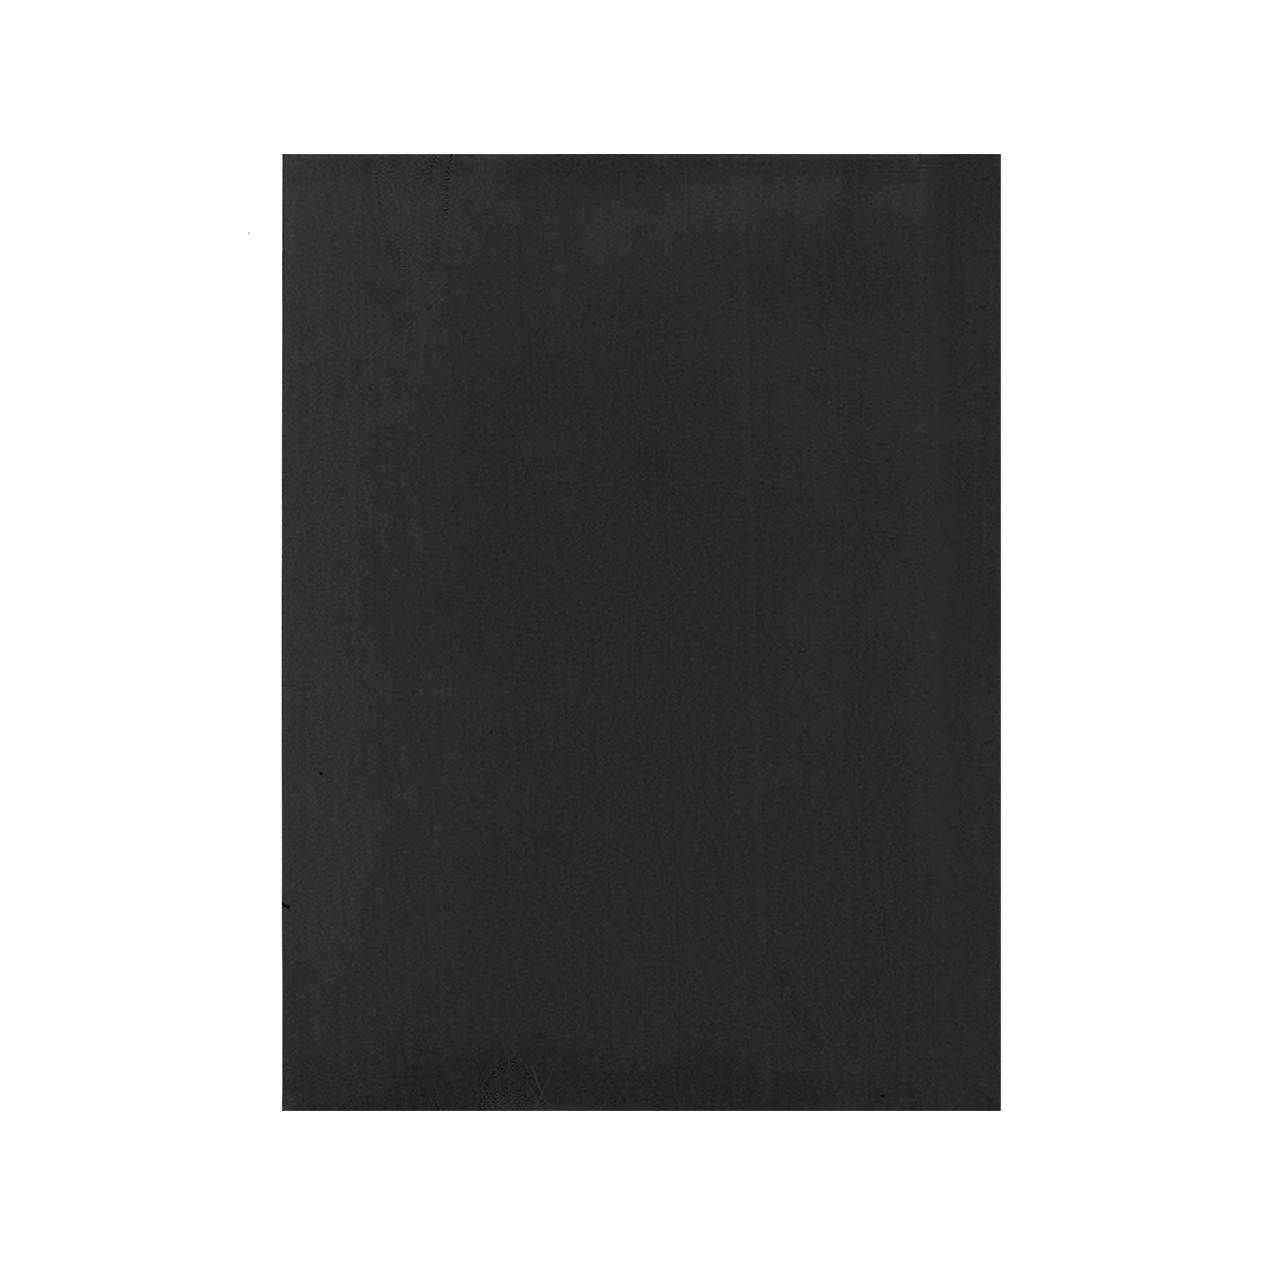 1200 Grit 15% Brown Latex Sandpaper